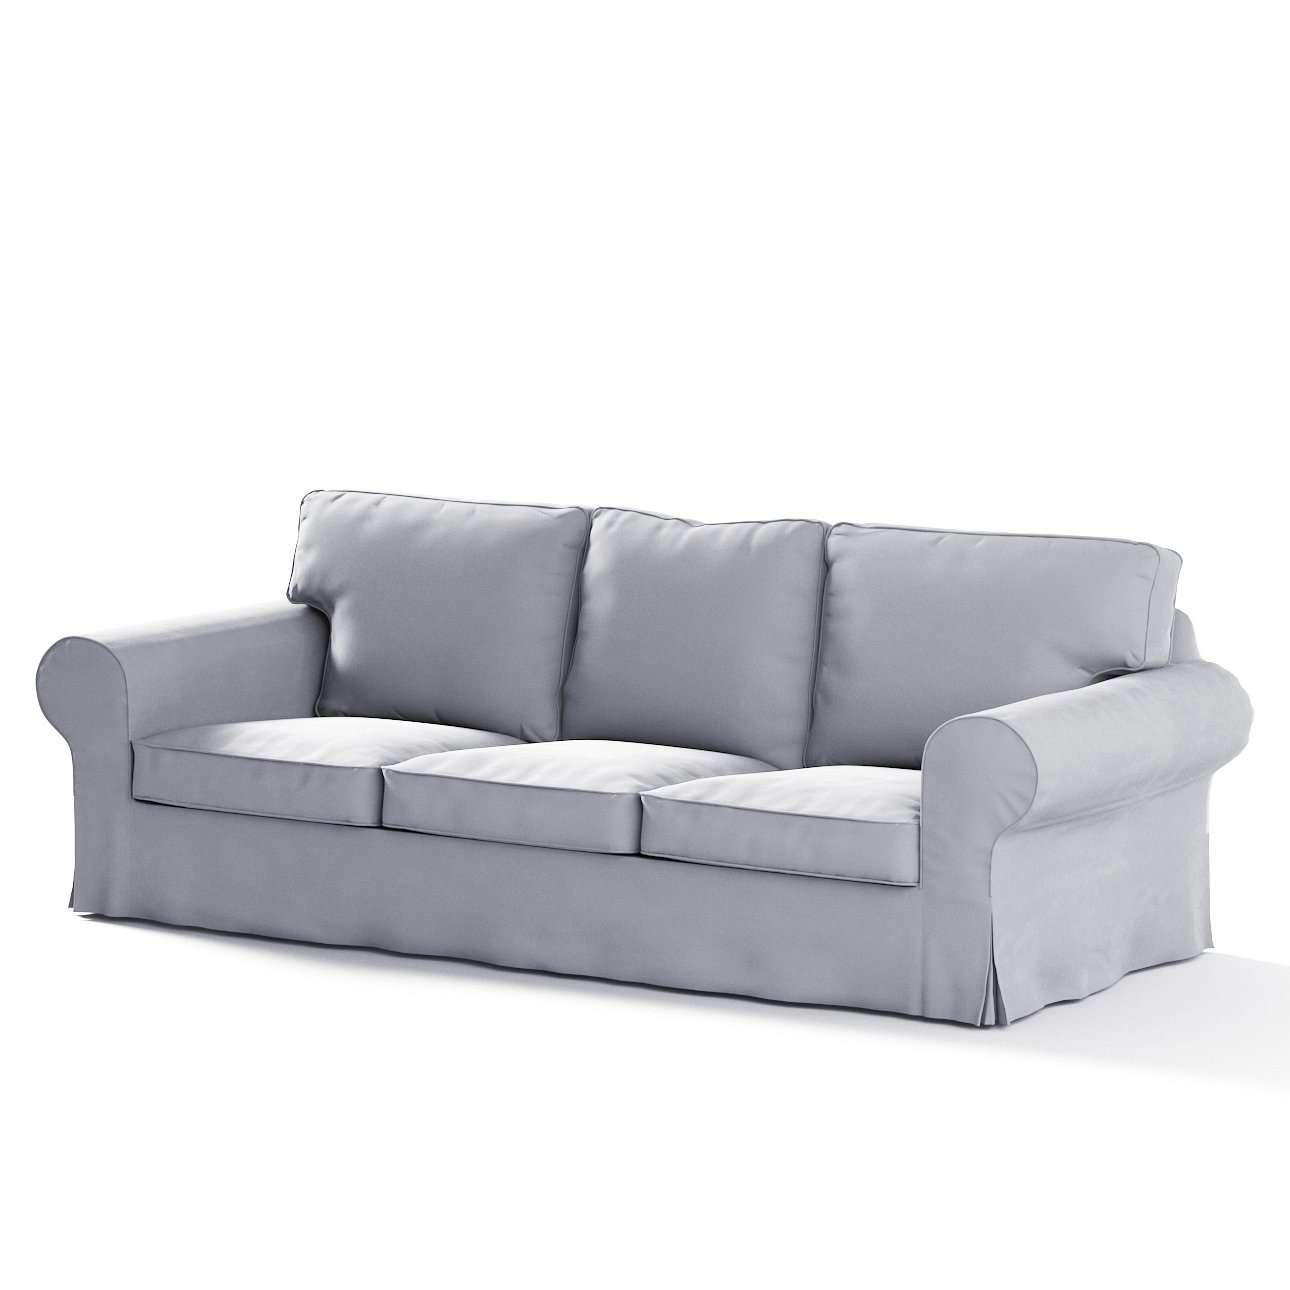 Pokrowiec na sofę Ektorp 3-osobową, nierozkładaną w kolekcji Velvet, tkanina: 704-24